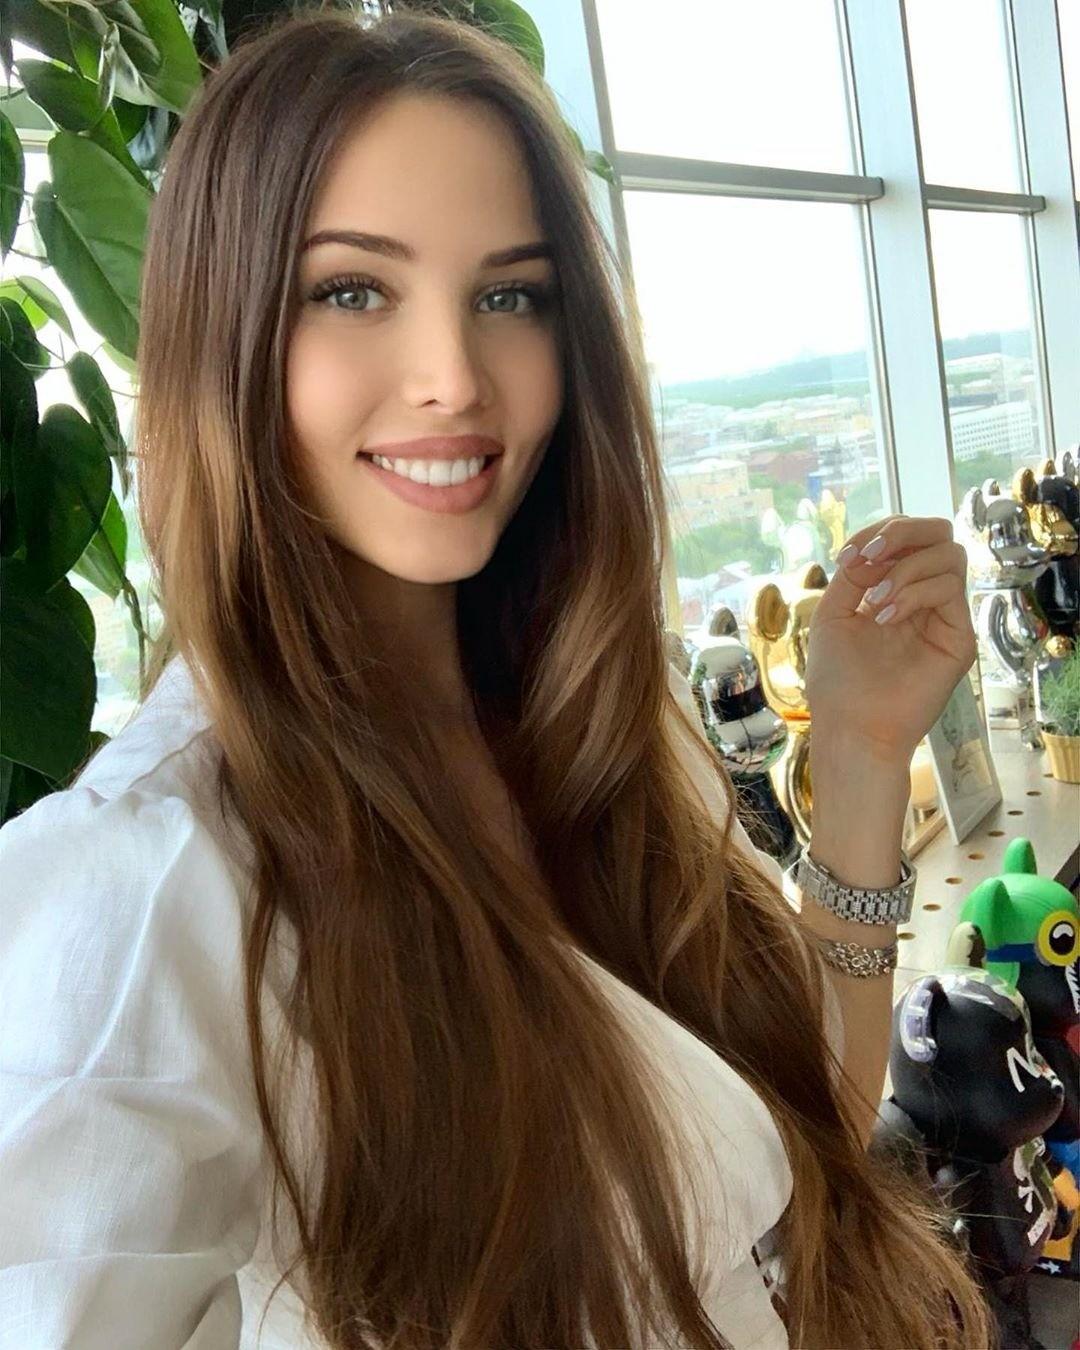 Анастасия Решетова «засветила» беременный живот